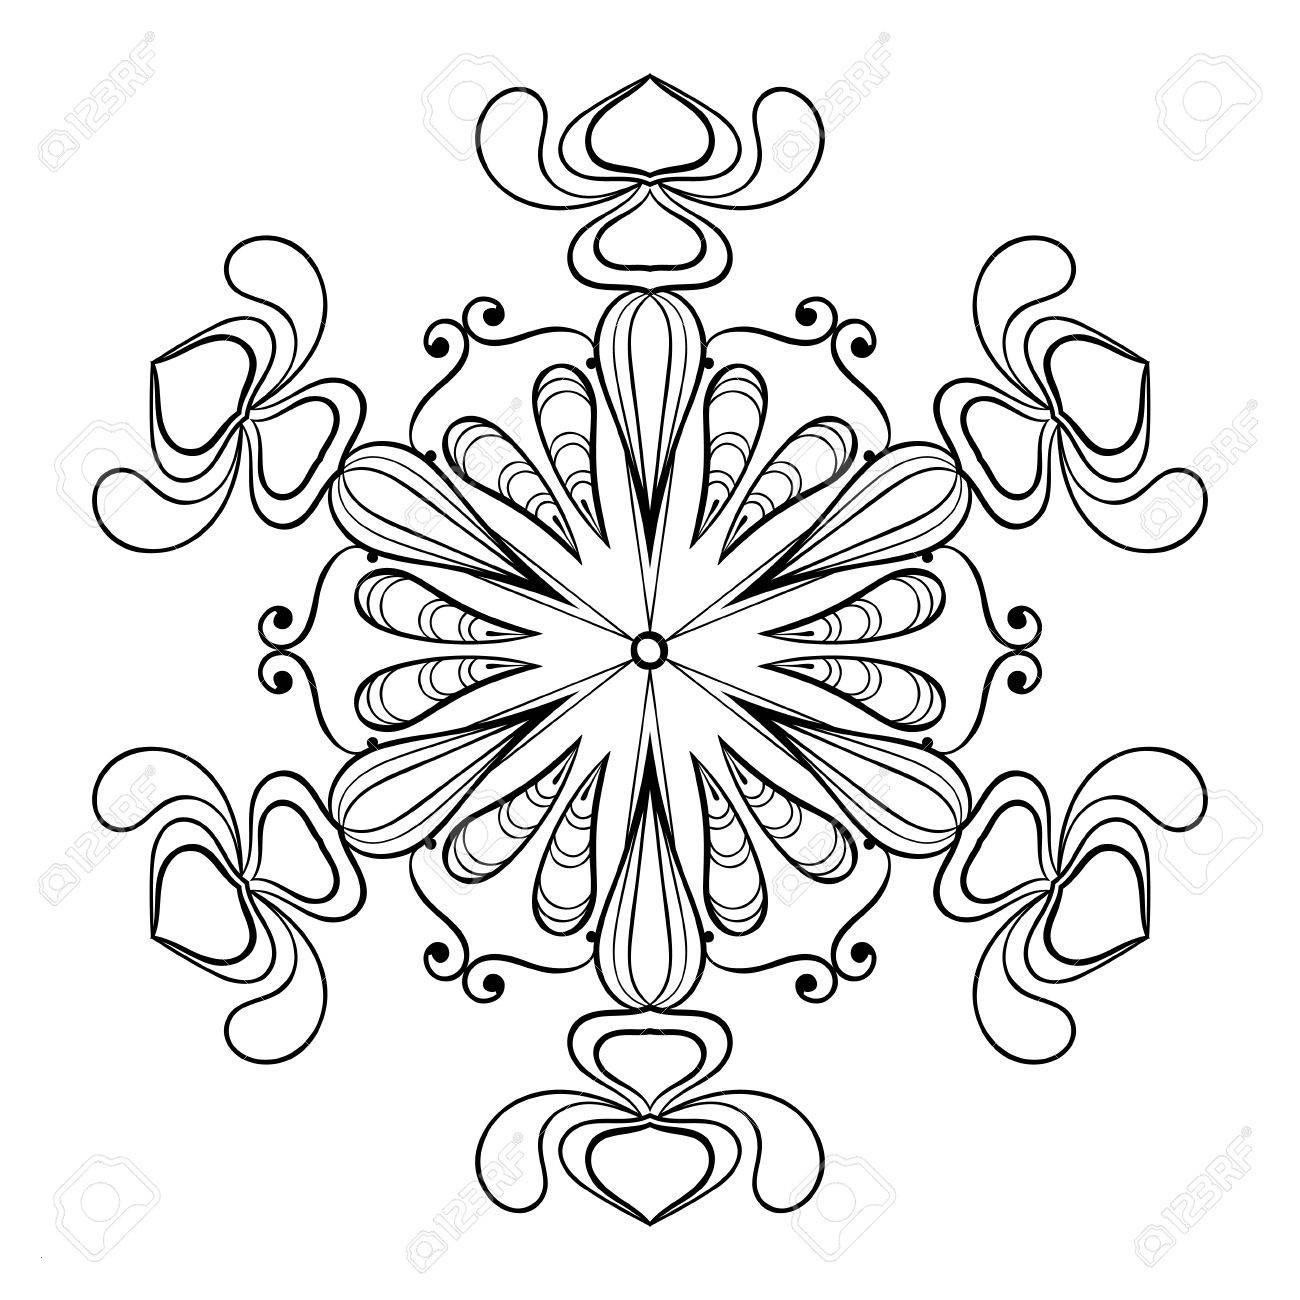 Ausmalbilder Weihnachten Schneeflocke Einzigartig Vektor Schneeflocke In Zentangle Doodle Artweinlese Mandala Für Das Bild